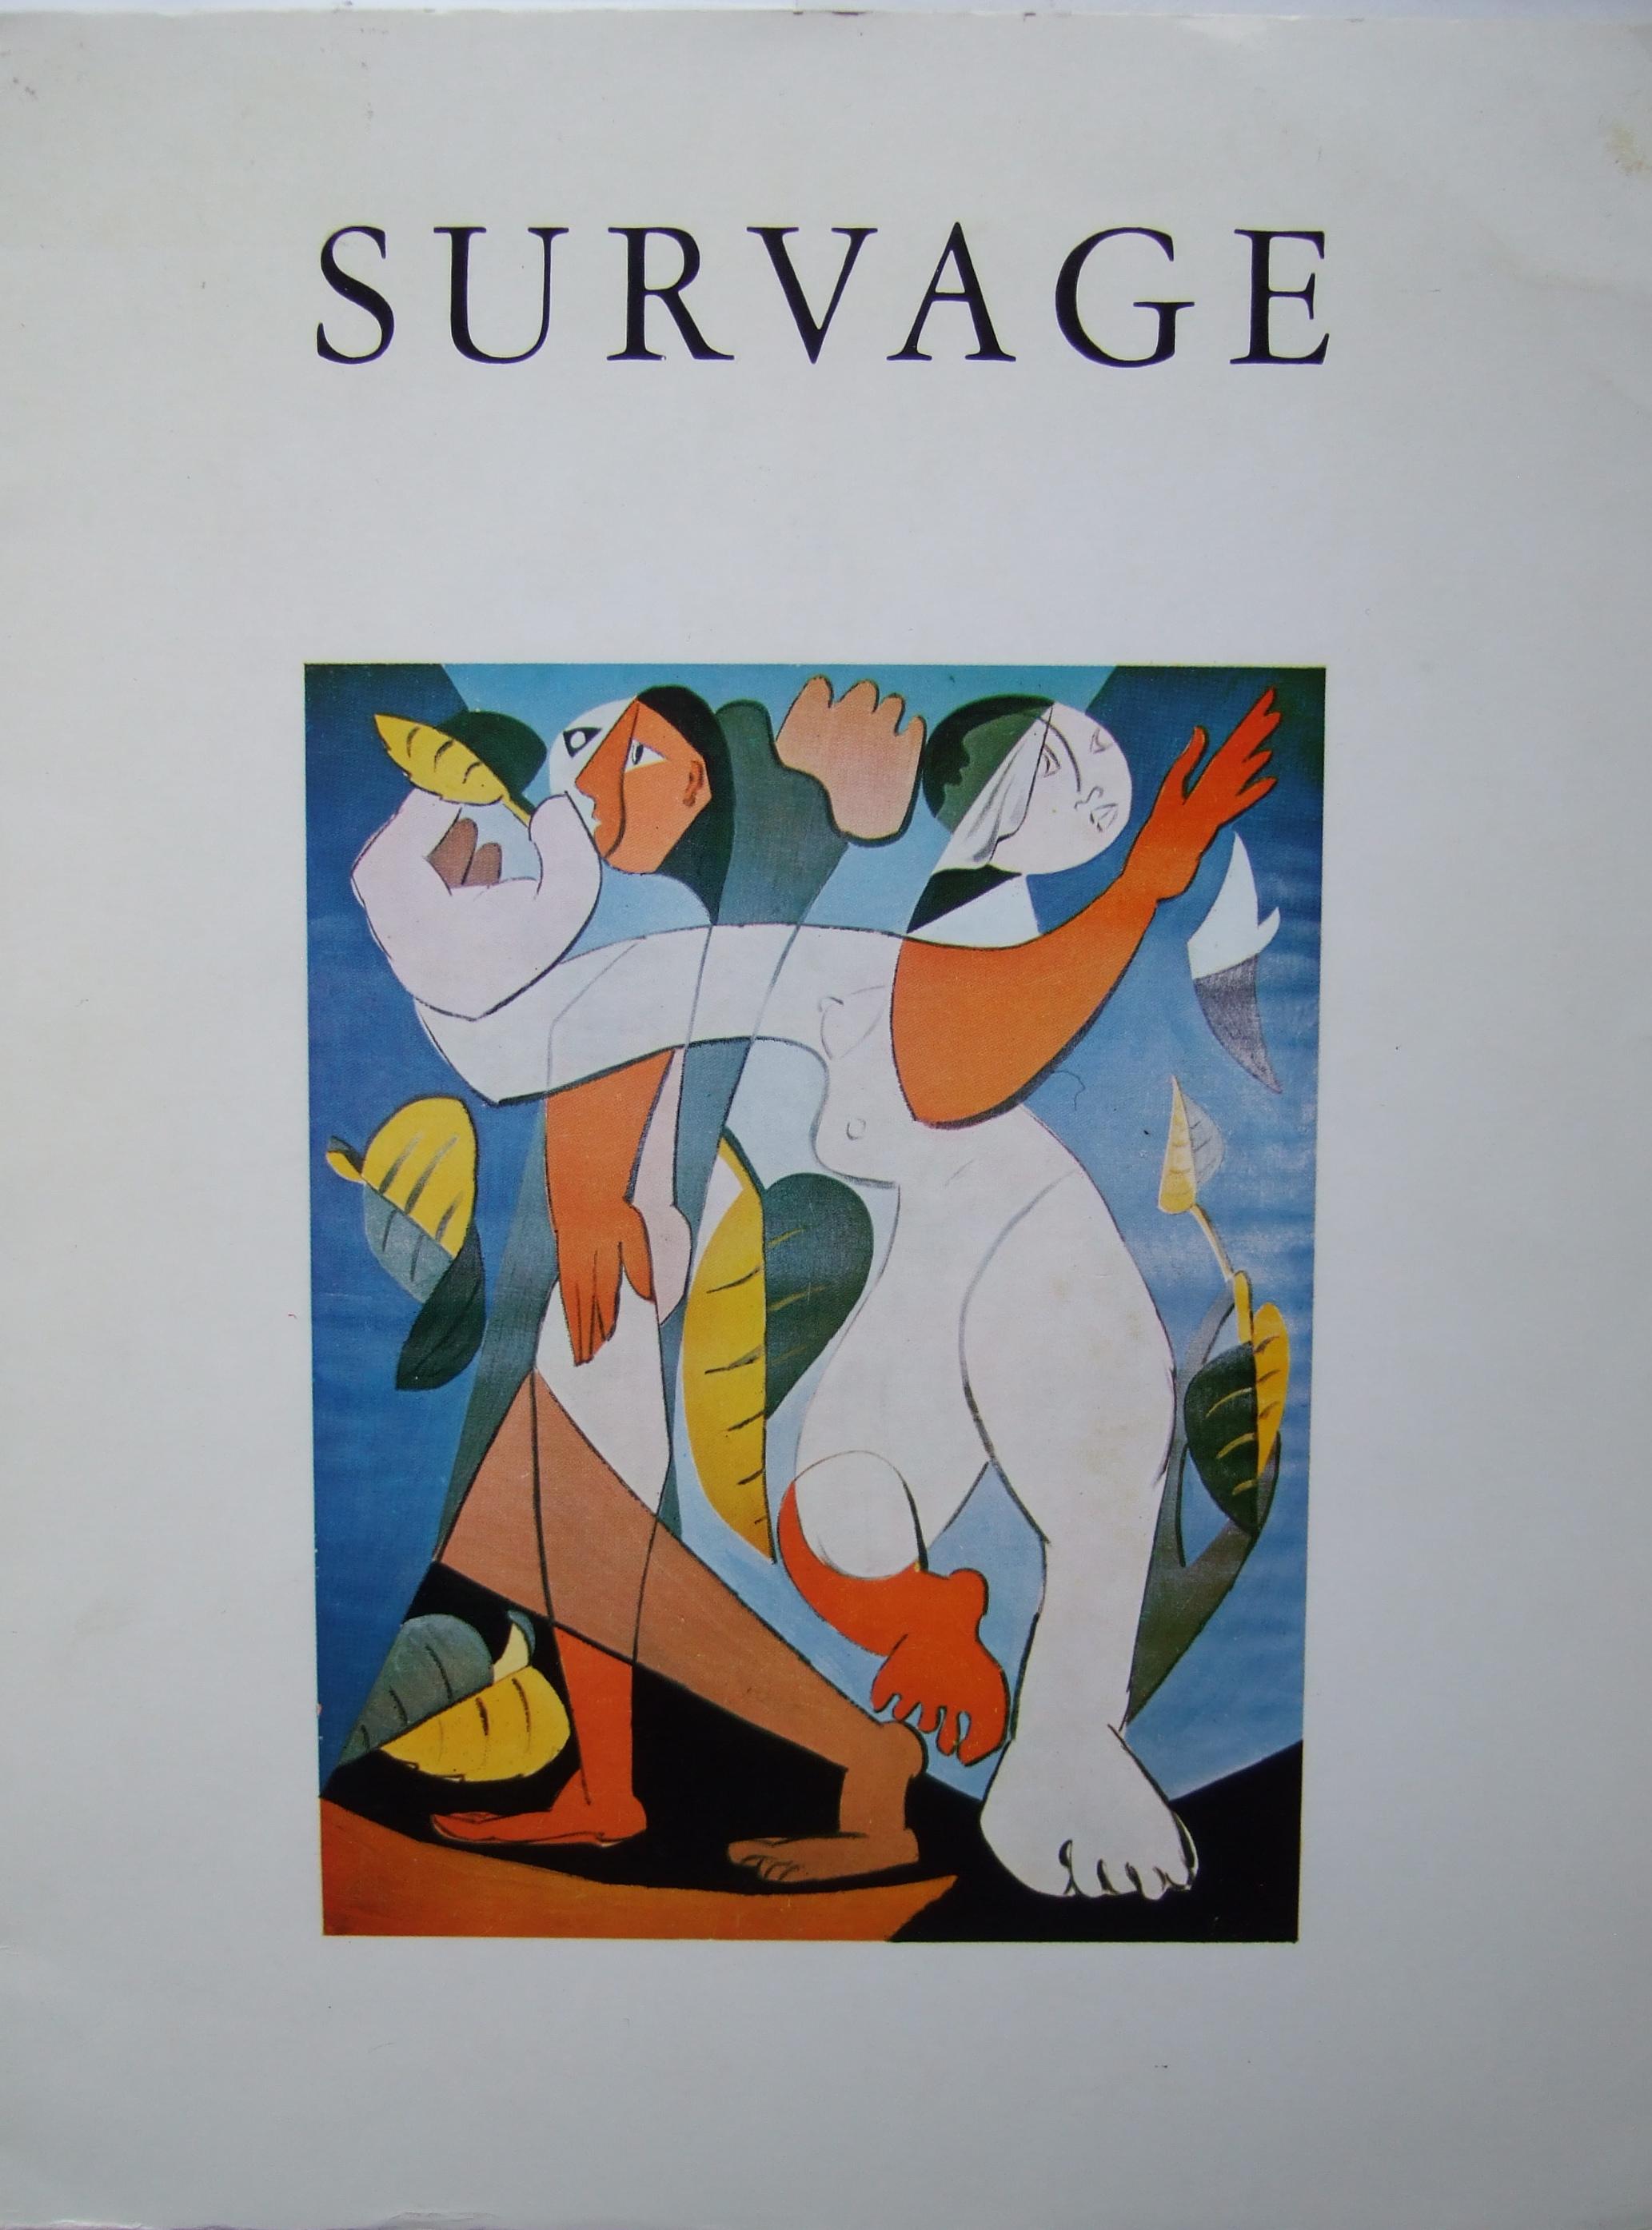 Survage. Catalogue of exhibition in Lyon, 1968.